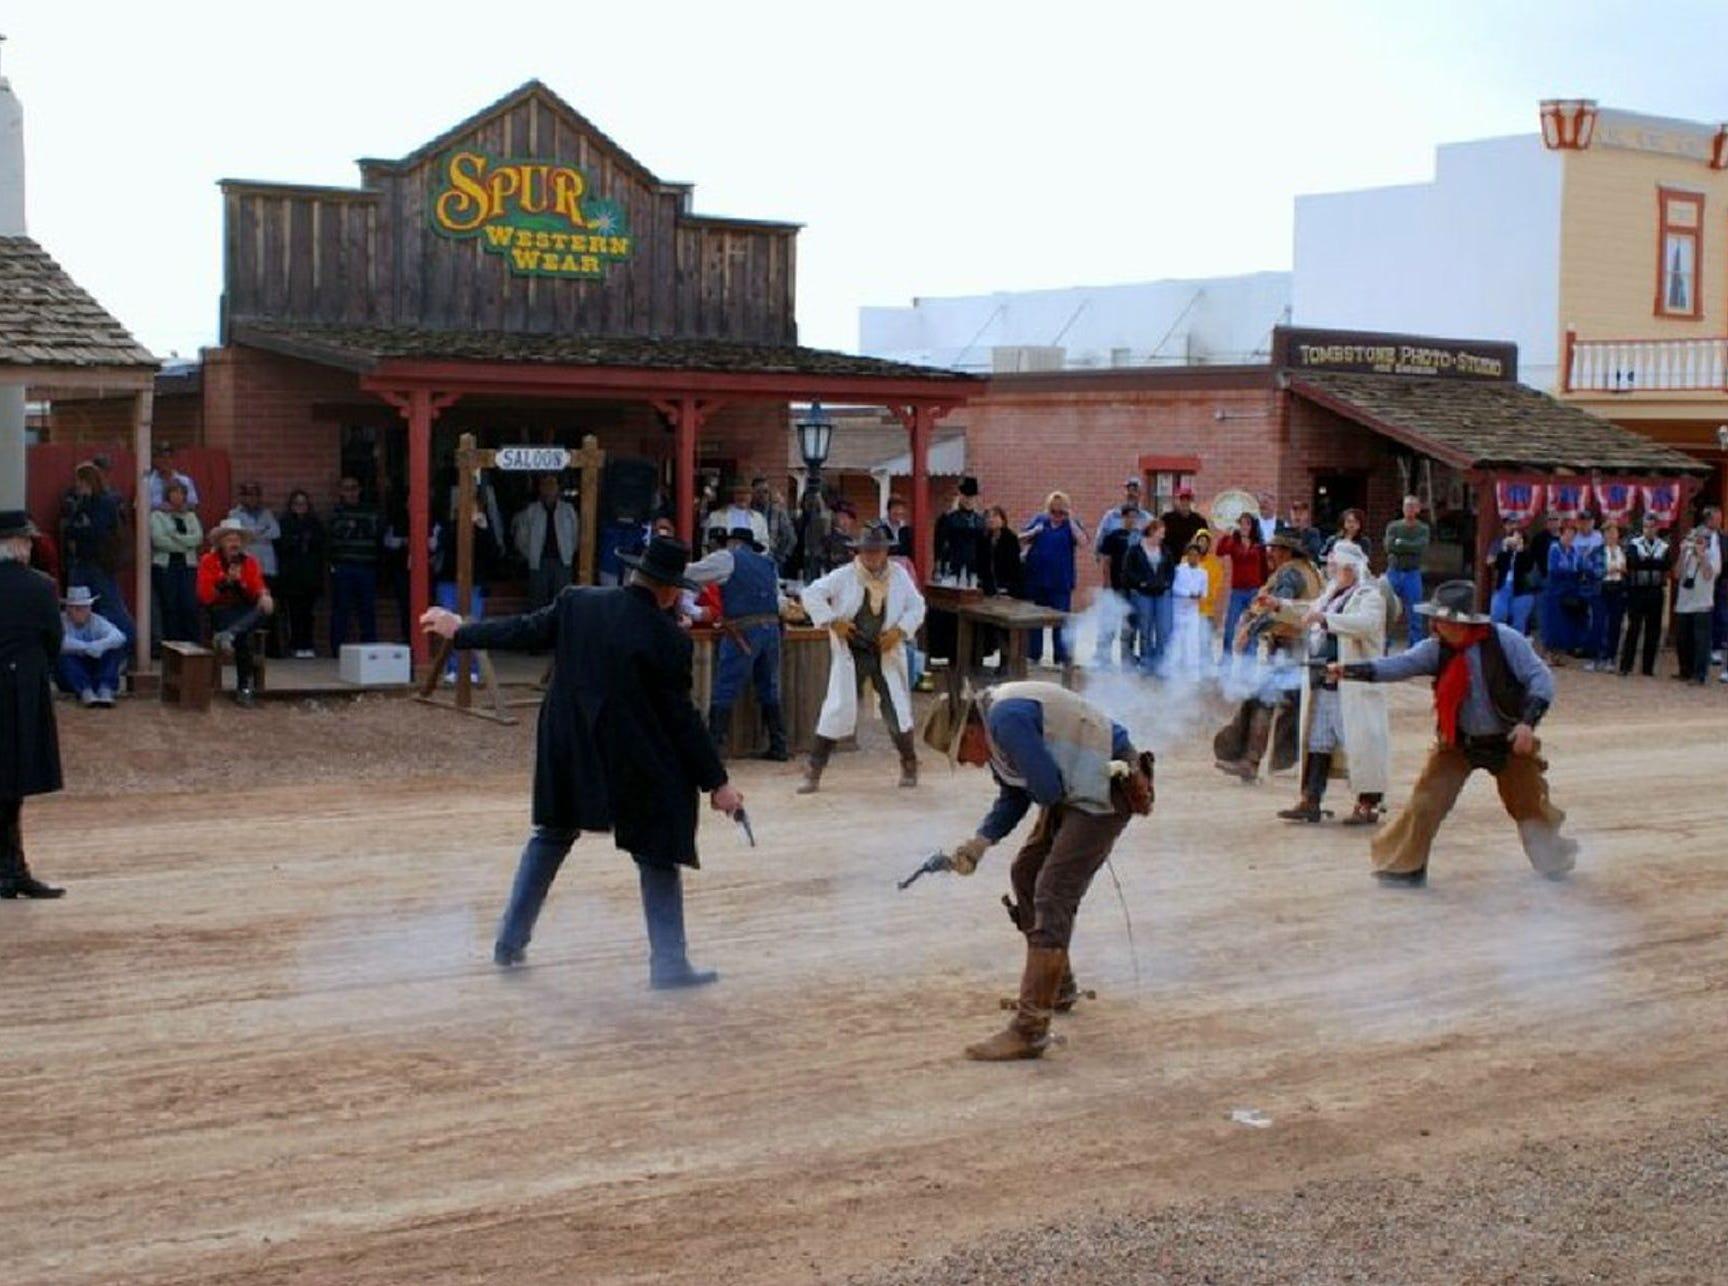 Los turistas ahora acuden cada año a los Días de Helldorado, el saludo de Tombstone a su pasado ruidoso. Los tiroteos se mantienen entre los eventos más populares.